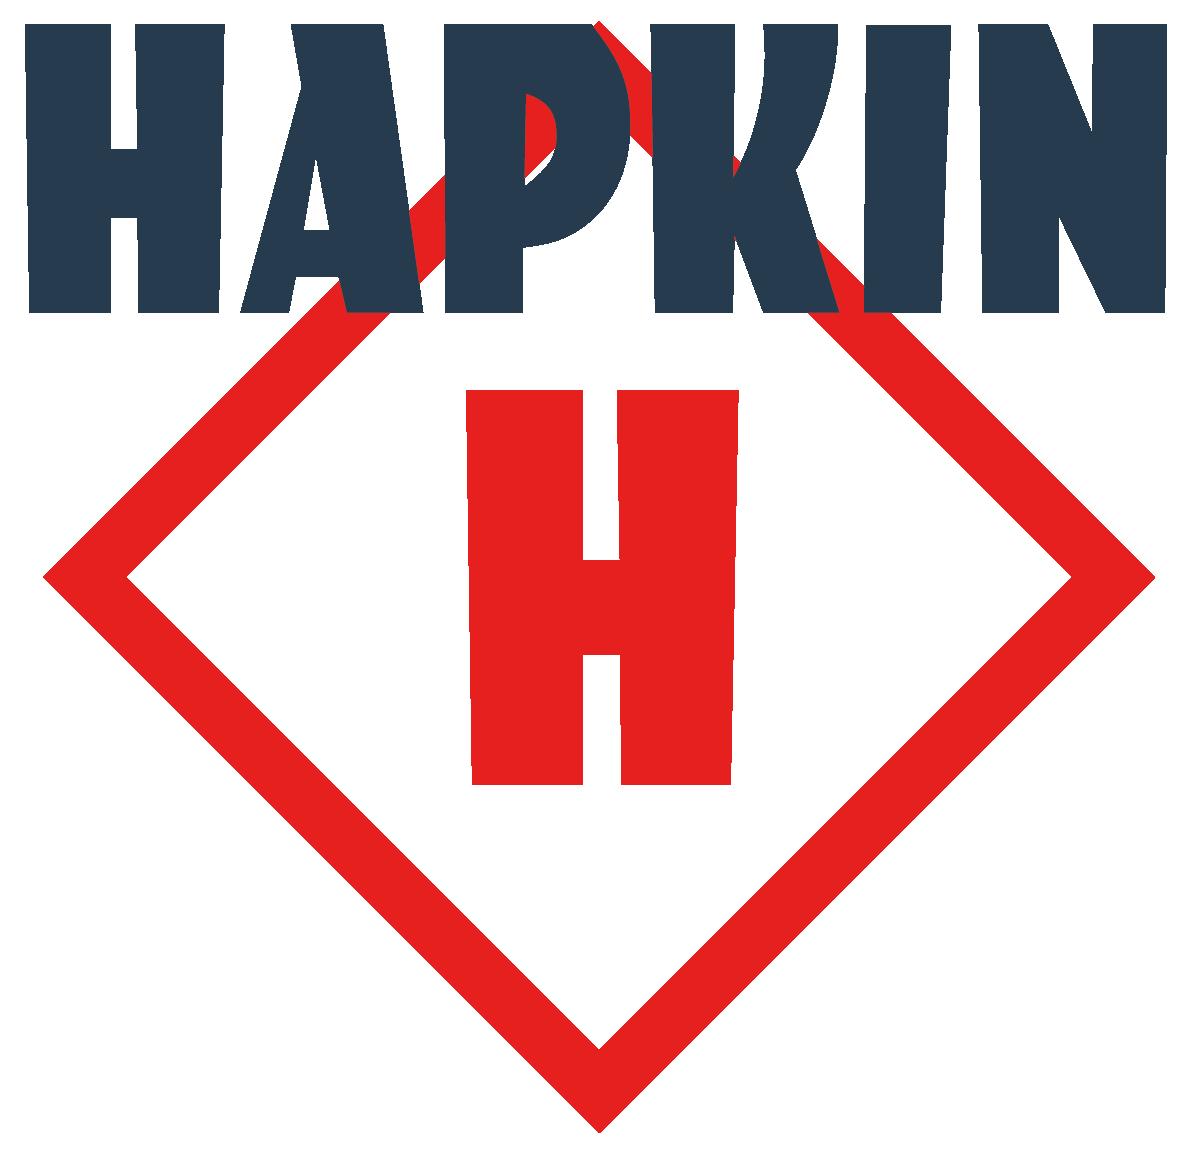 Logo de la marque concernant au produit Hapkin 50cl